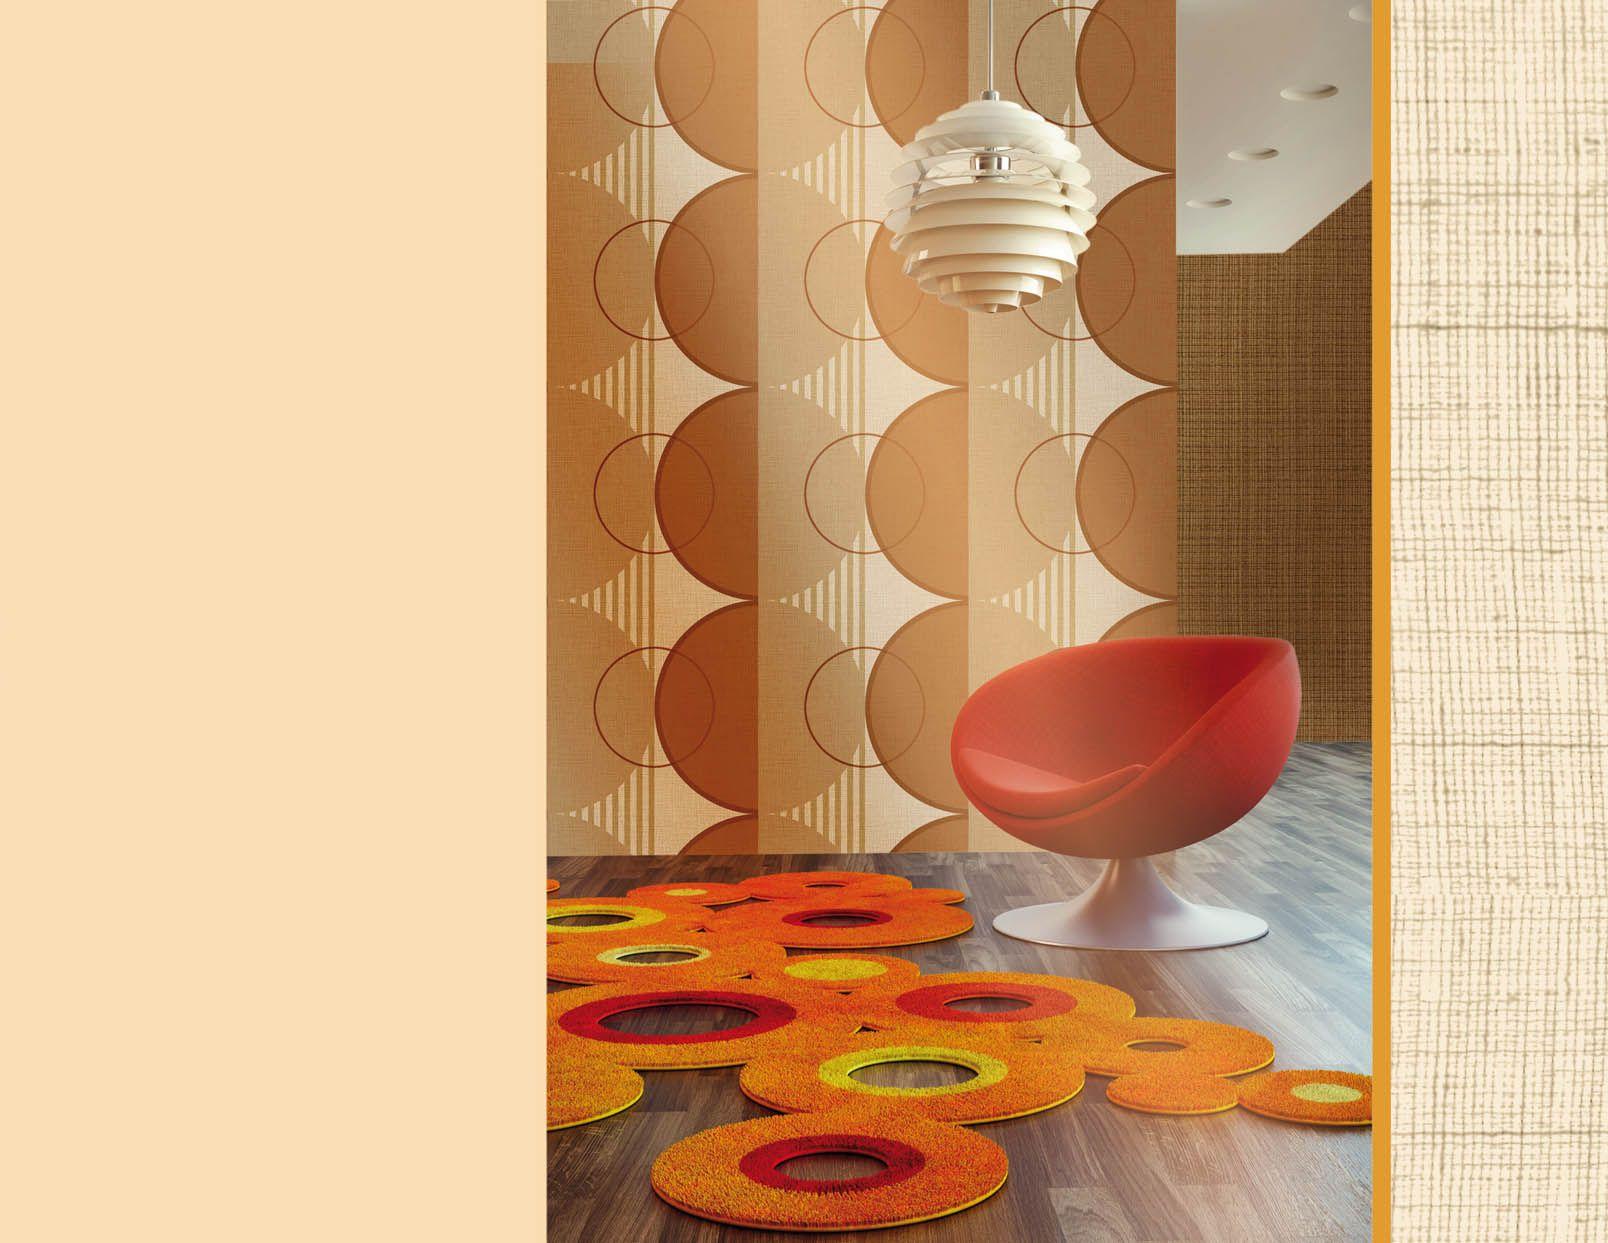 Interior wall texture seamless collectieboek immagina  wall paper  behangpapier  pinterest